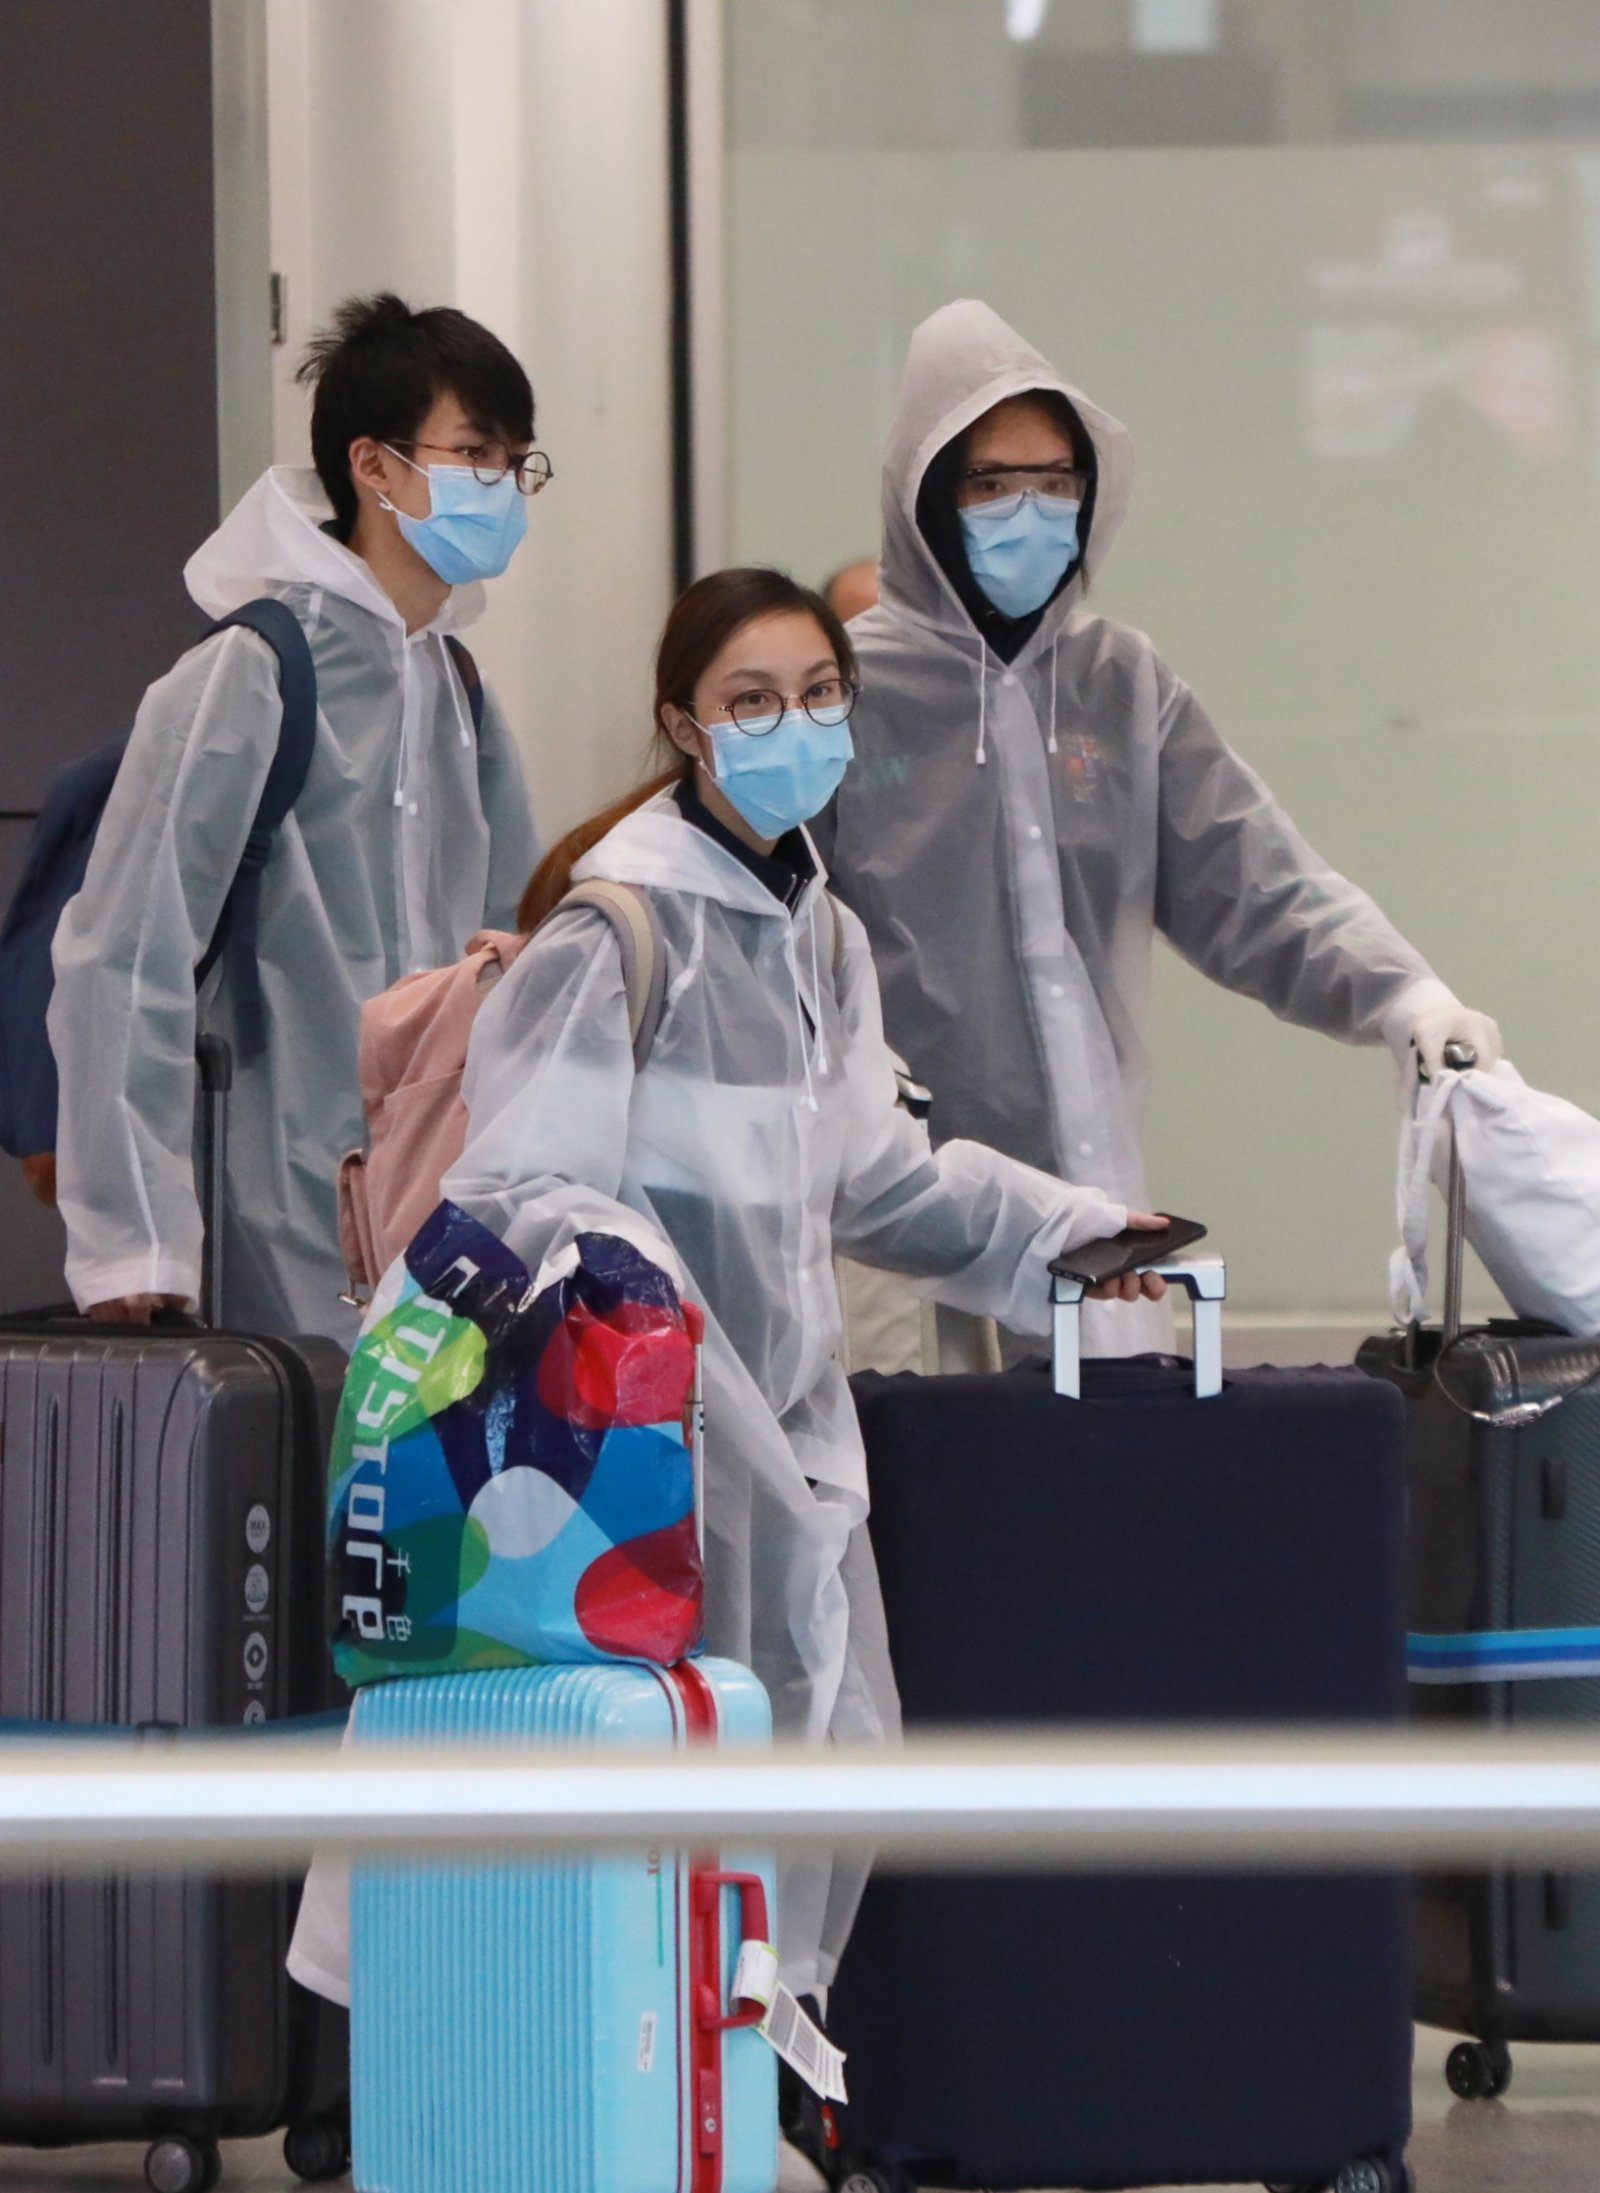 香港增2宗輸入個案 有患者已打兩針新冠疫苗